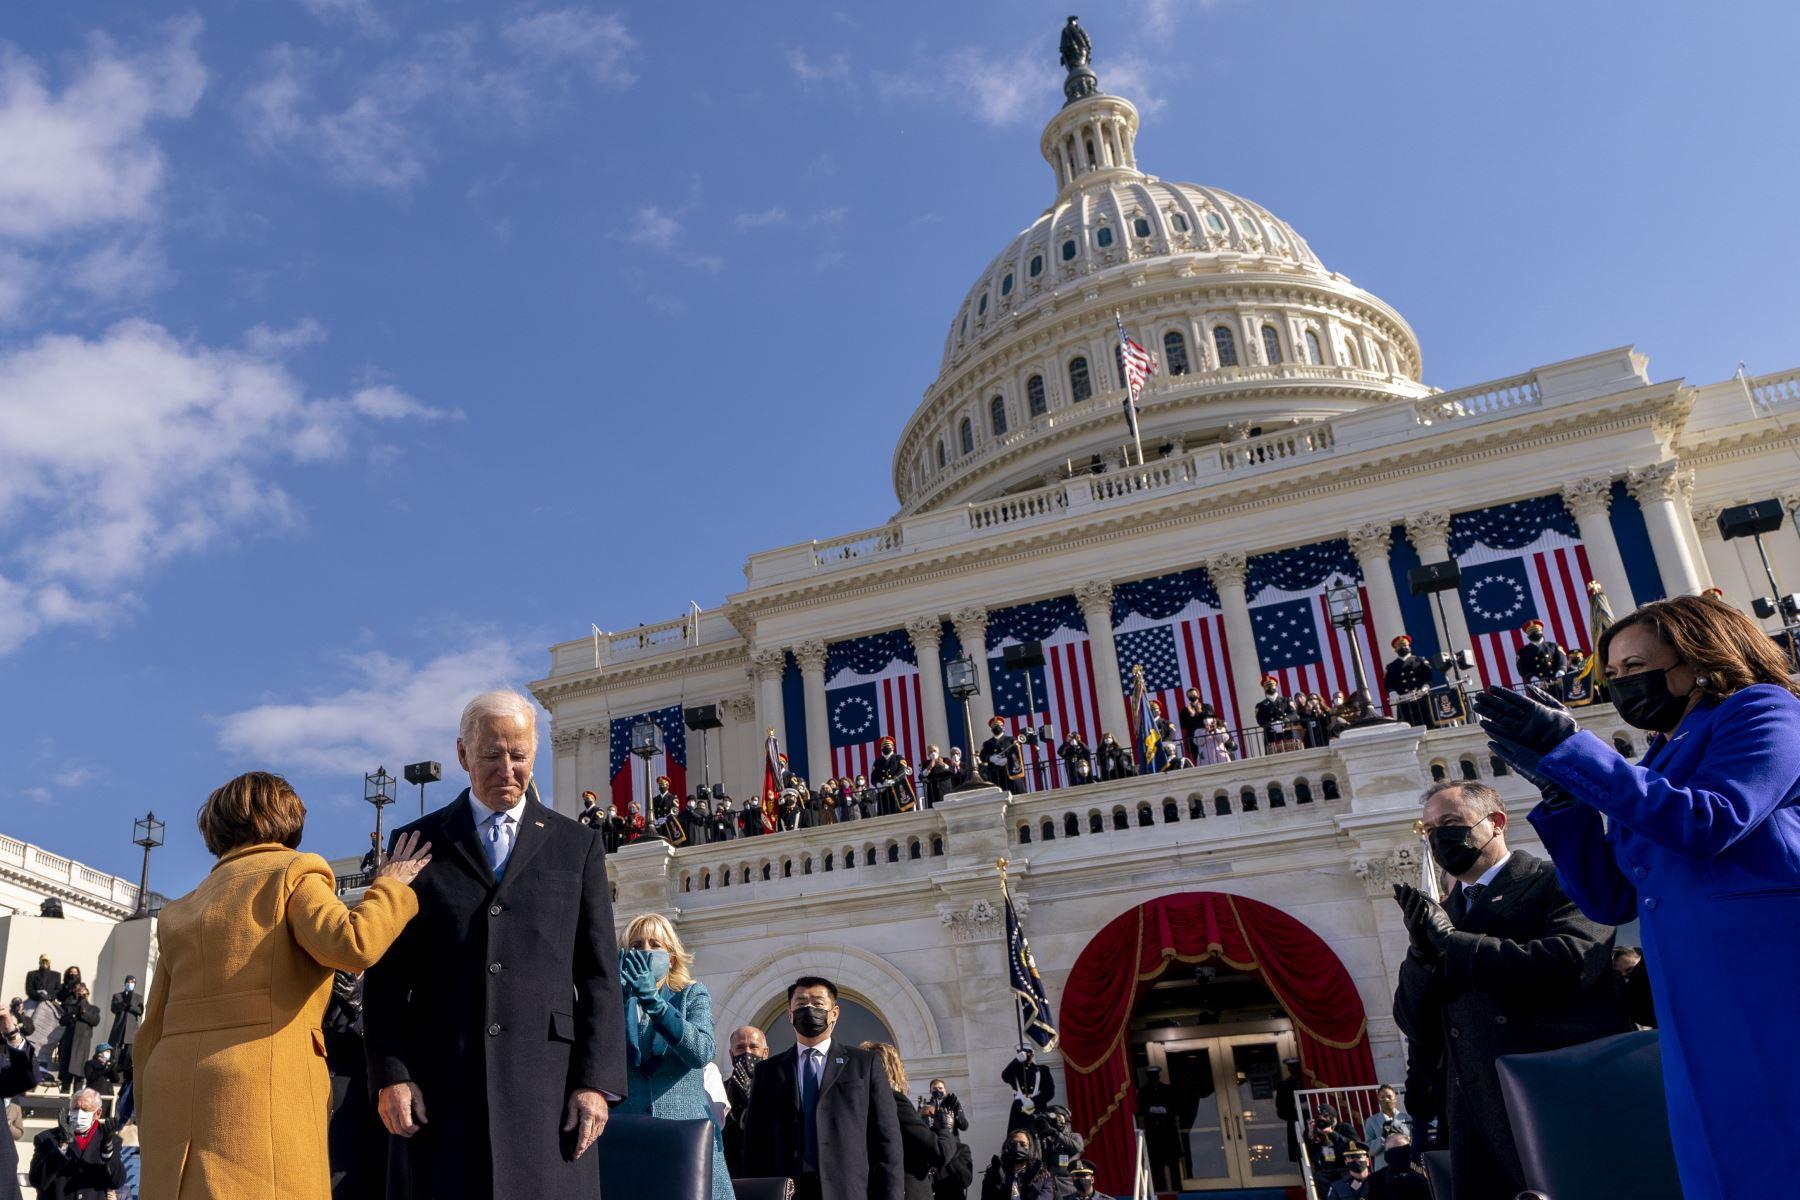 De ser aprobado, el proyecto legislativo de Biden supondría la mayor reforma migratoria desde el Gobierno del republicano Ronald Reagan (1981-1989), que legalizó a 3 millones de indocumentados en 1986. Foto: AFP